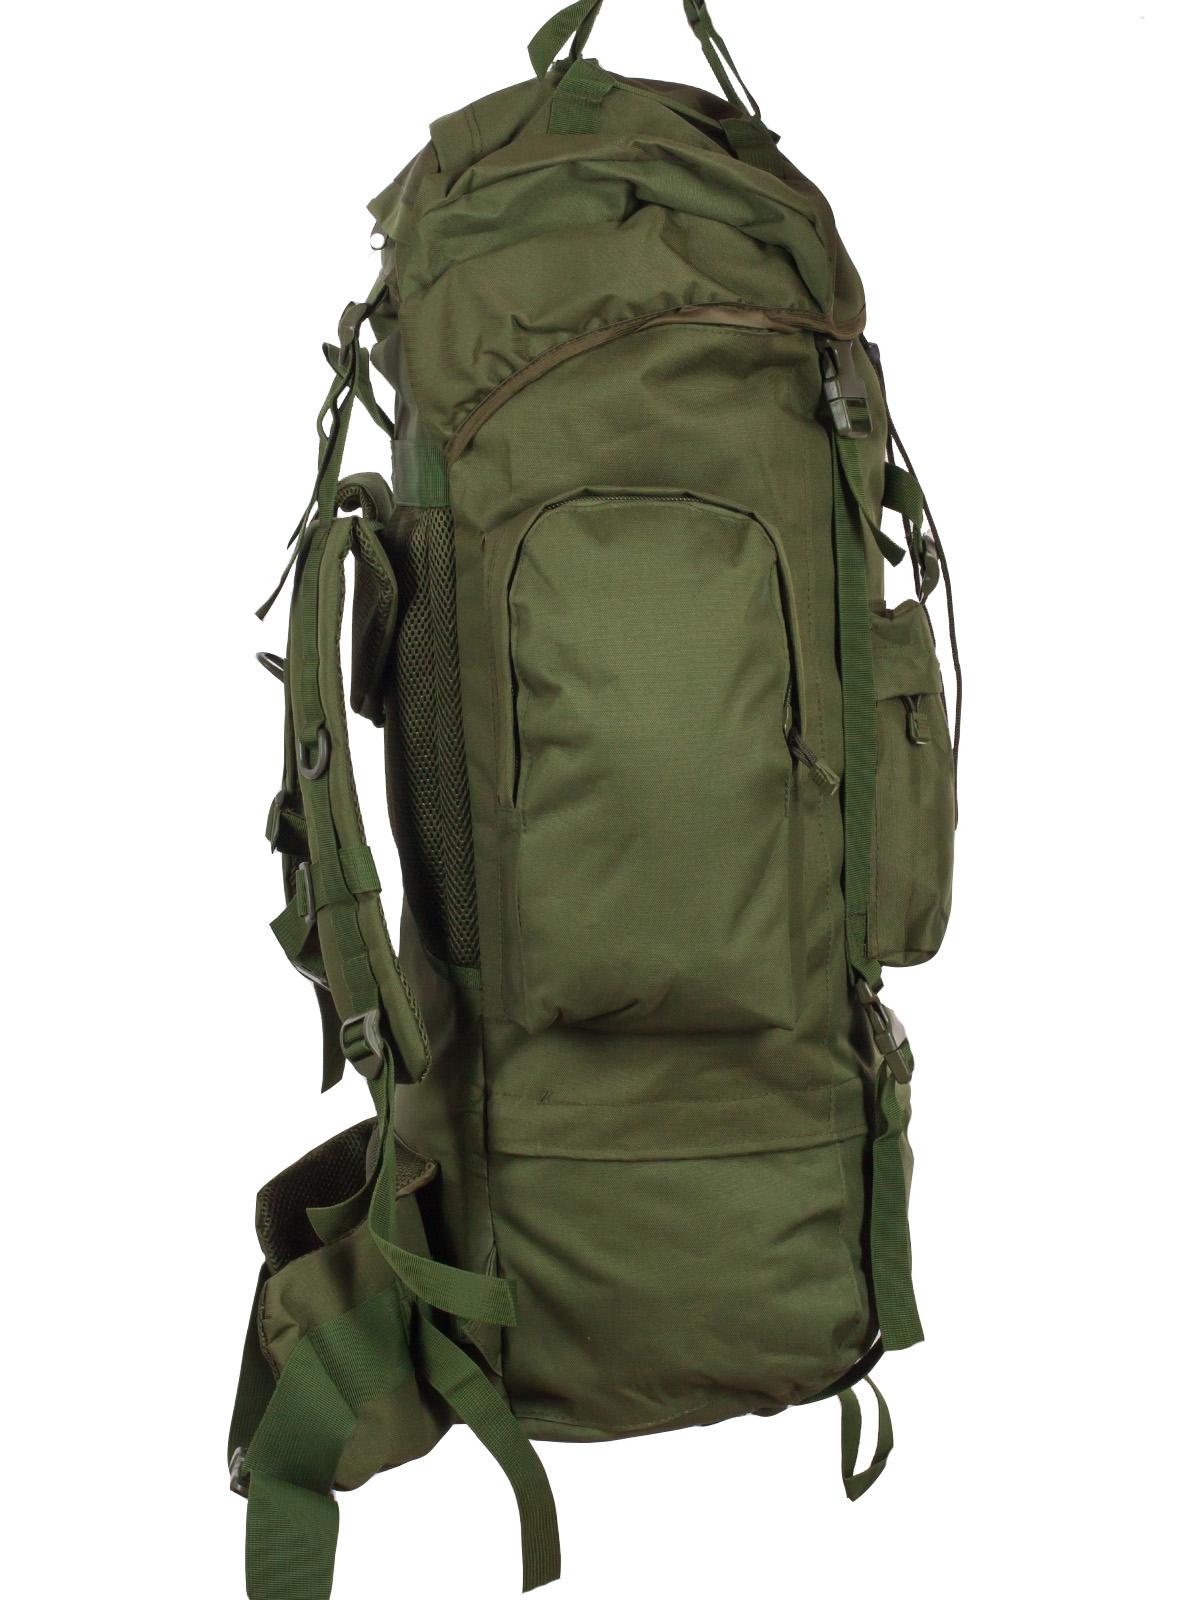 Тактический каркасный рюкзак с нашивкой МВД - заказать в подарок